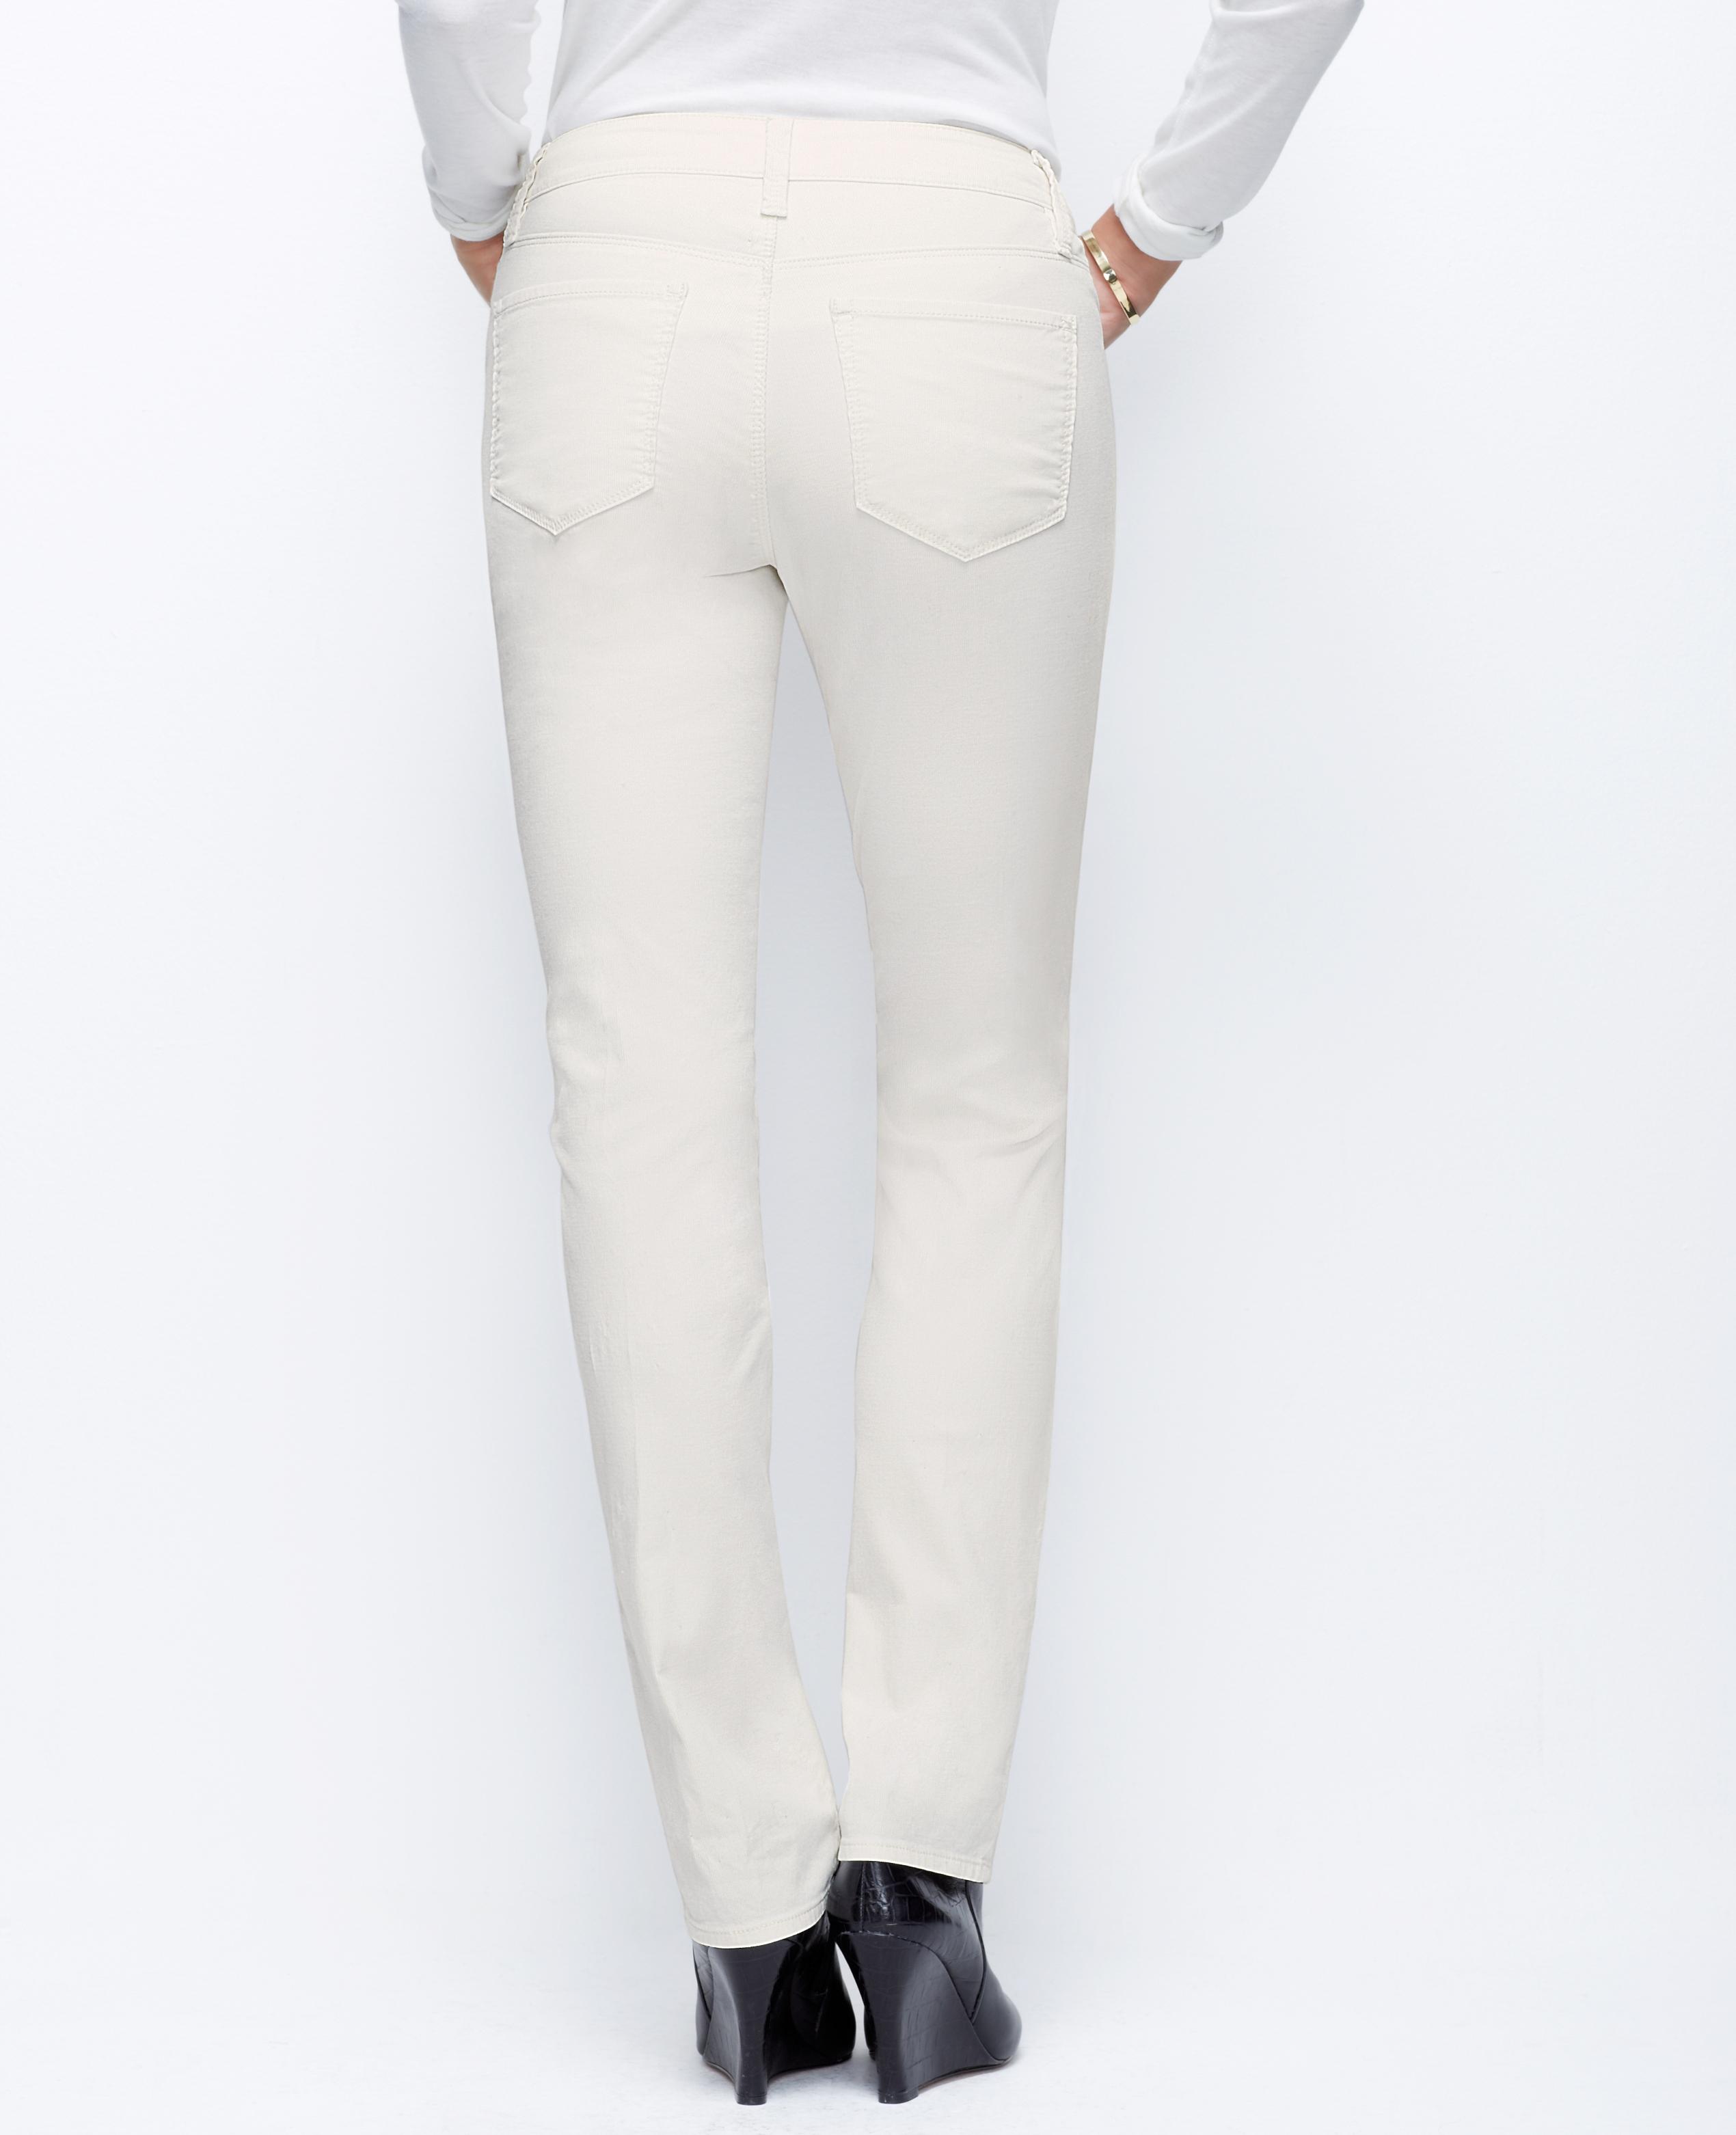 Winter White Pants Petite - White Pants 2016